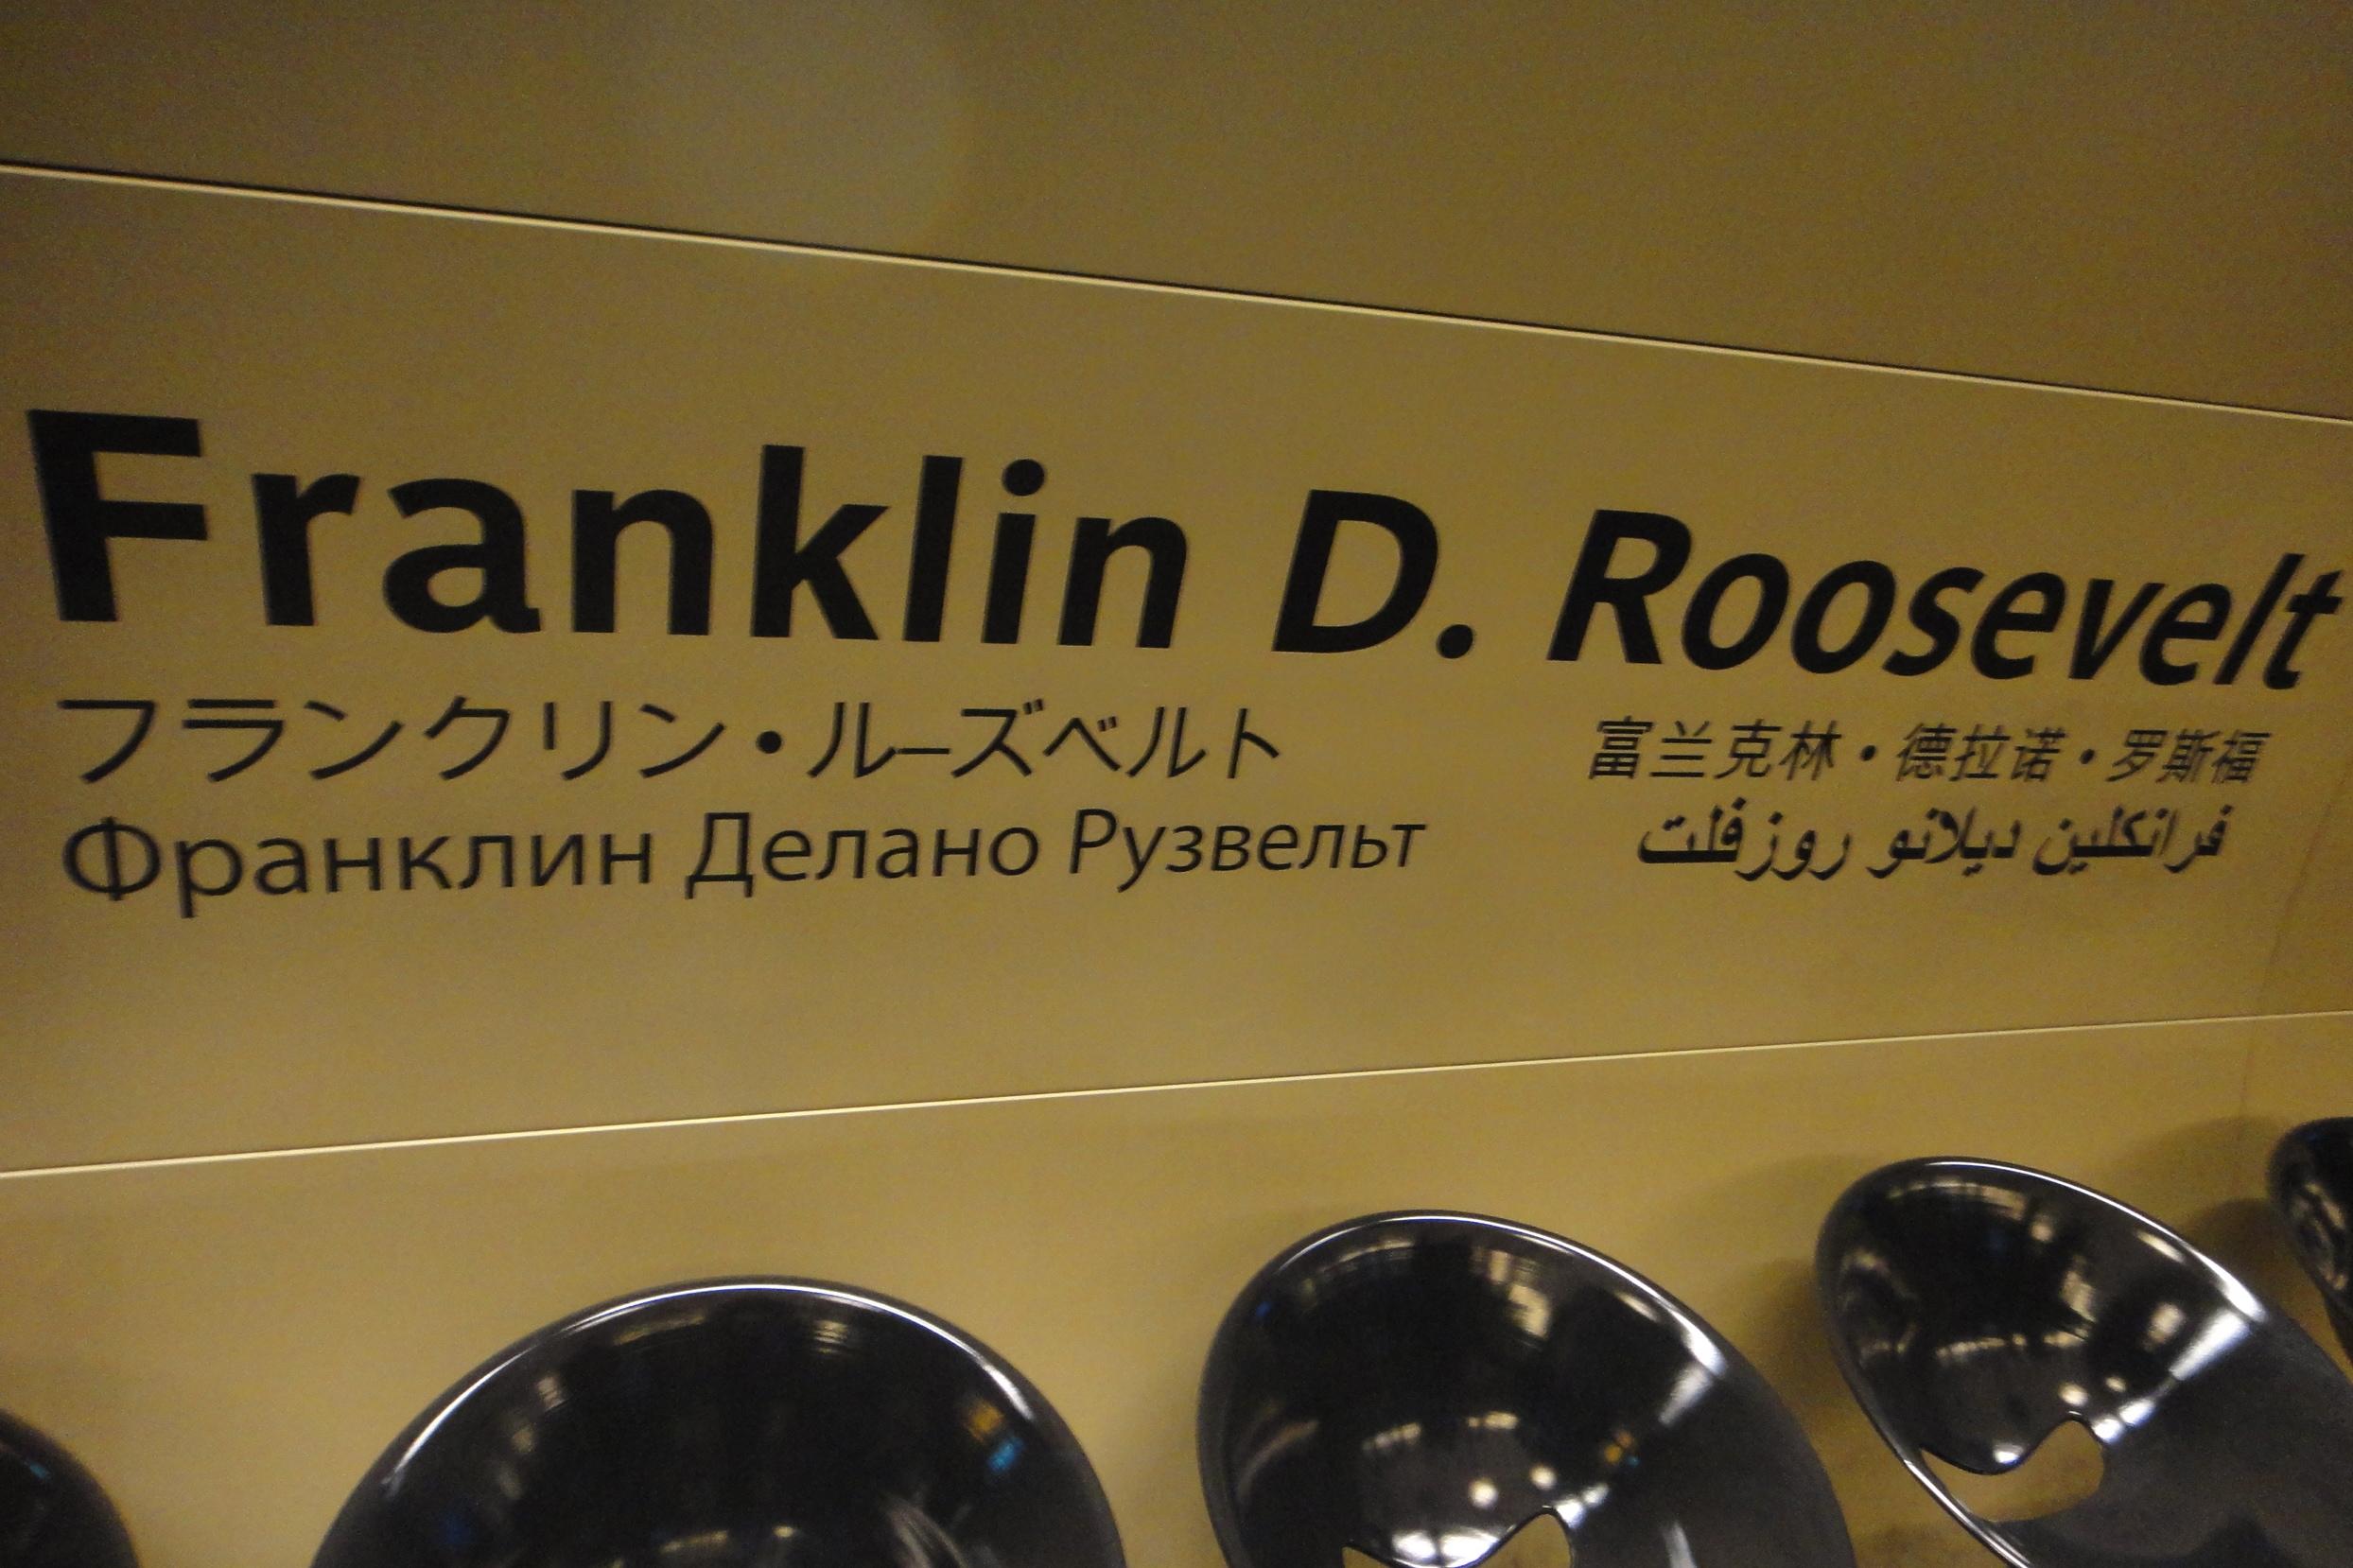 Metro station Franklin D. Roosevelt